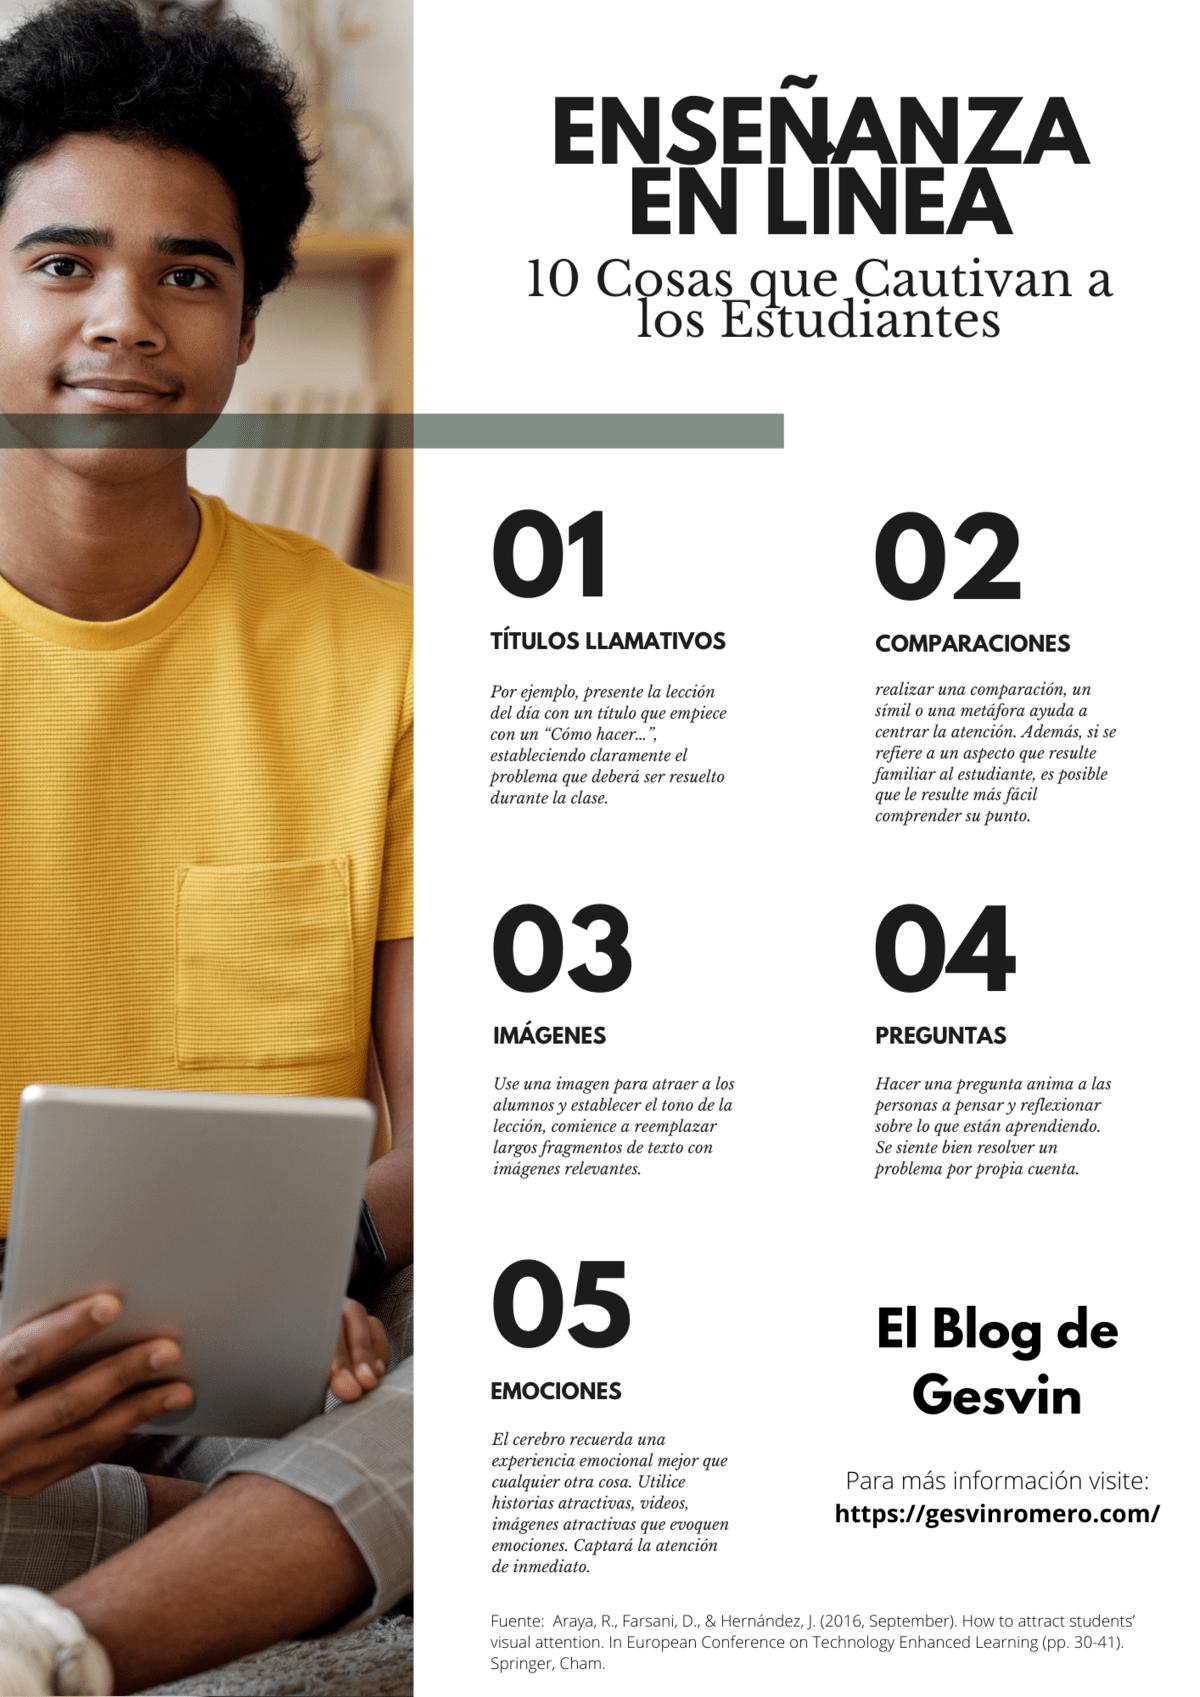 Enseñanza en Línea - 10 Cosas que Cautivan a los Estudiantes - Parte 1